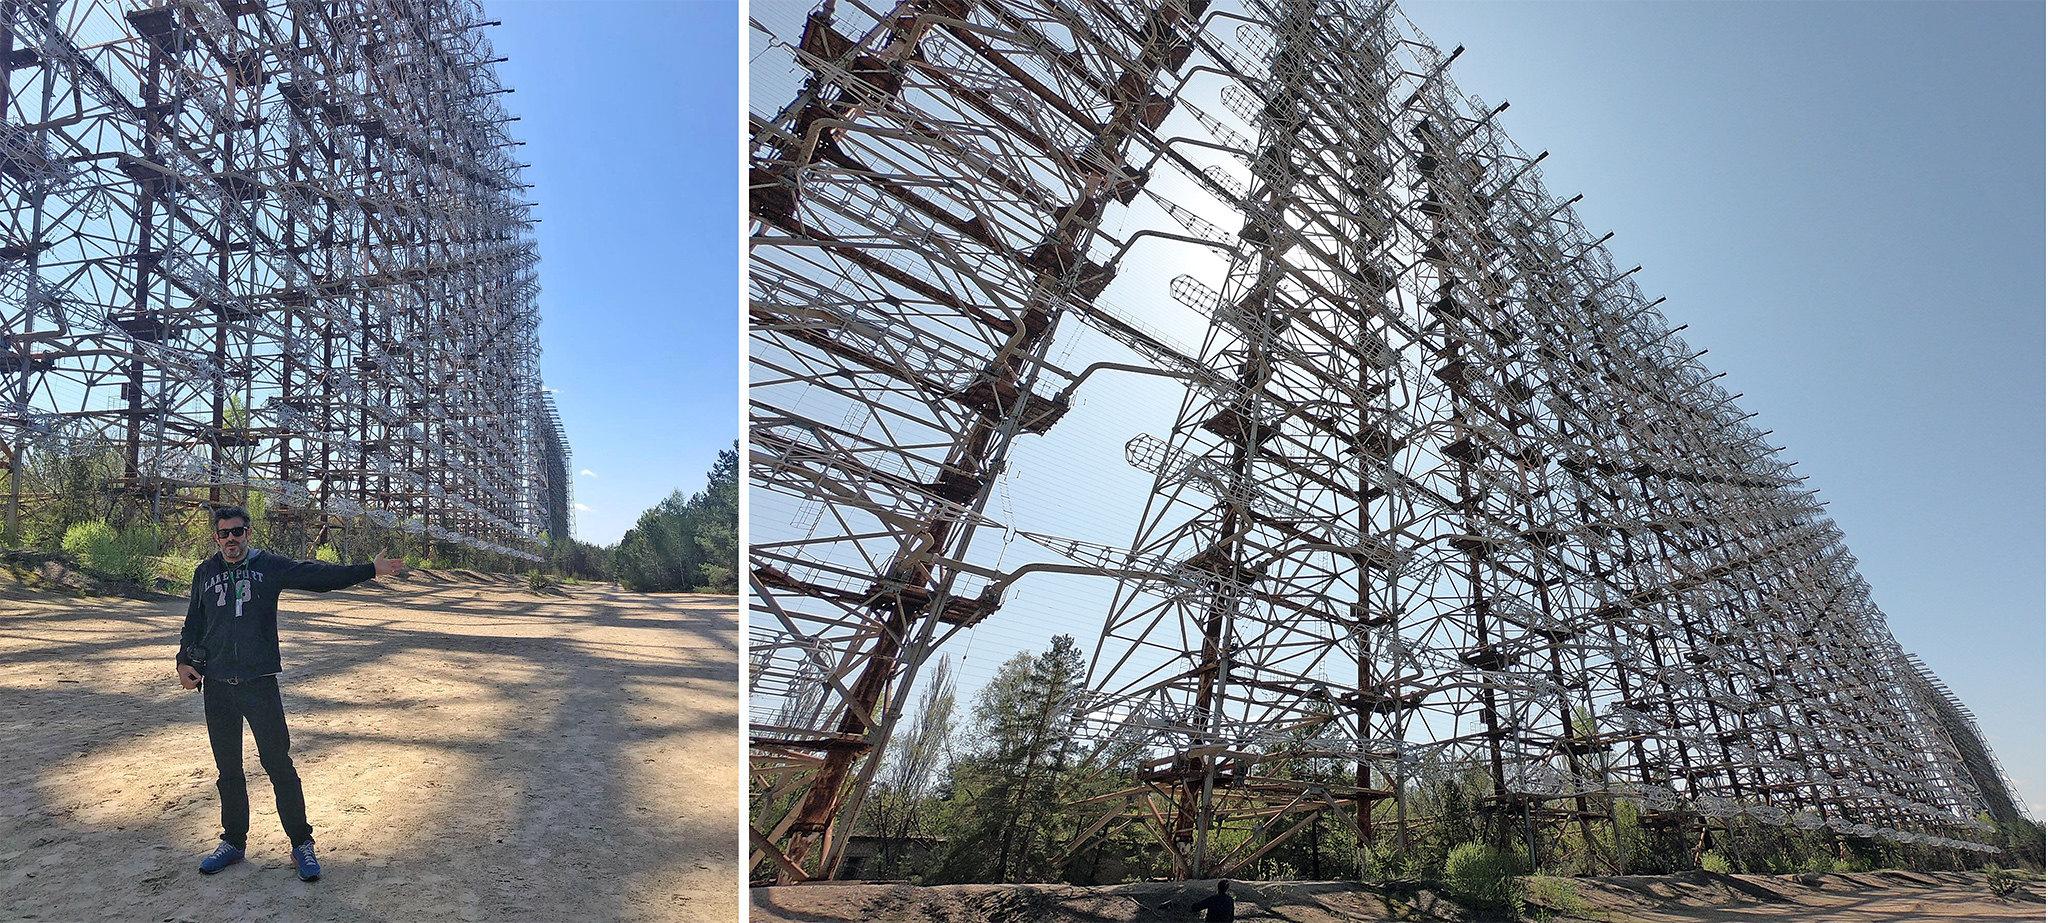 Visitar Chernóbil - Visitar Chernobyl Ucrania Ukraine Pripyat visitar chernóbil - 47045817494 0a86357de1 k - Visitar Chernóbil: el lugar más contaminado del planeta